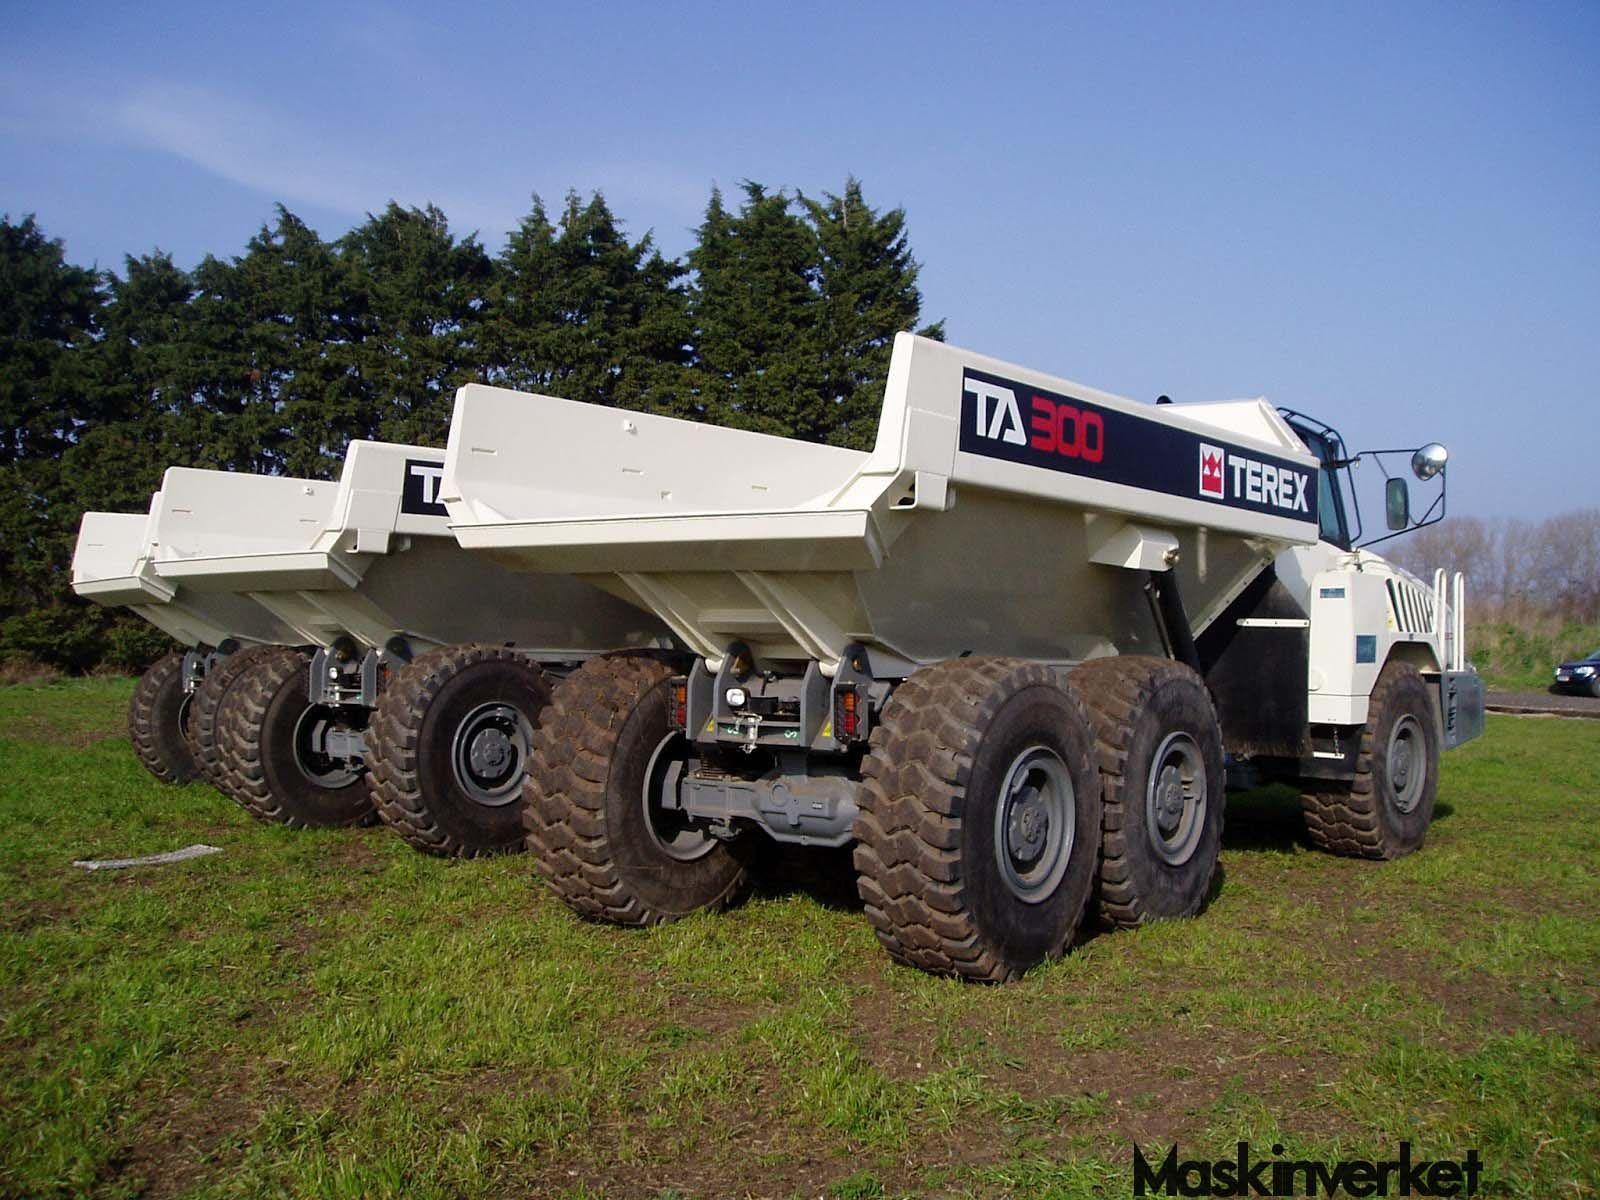 Terex Entreprenadmaskiner / Terex Construction Equipment - http://MaskinVerket.se